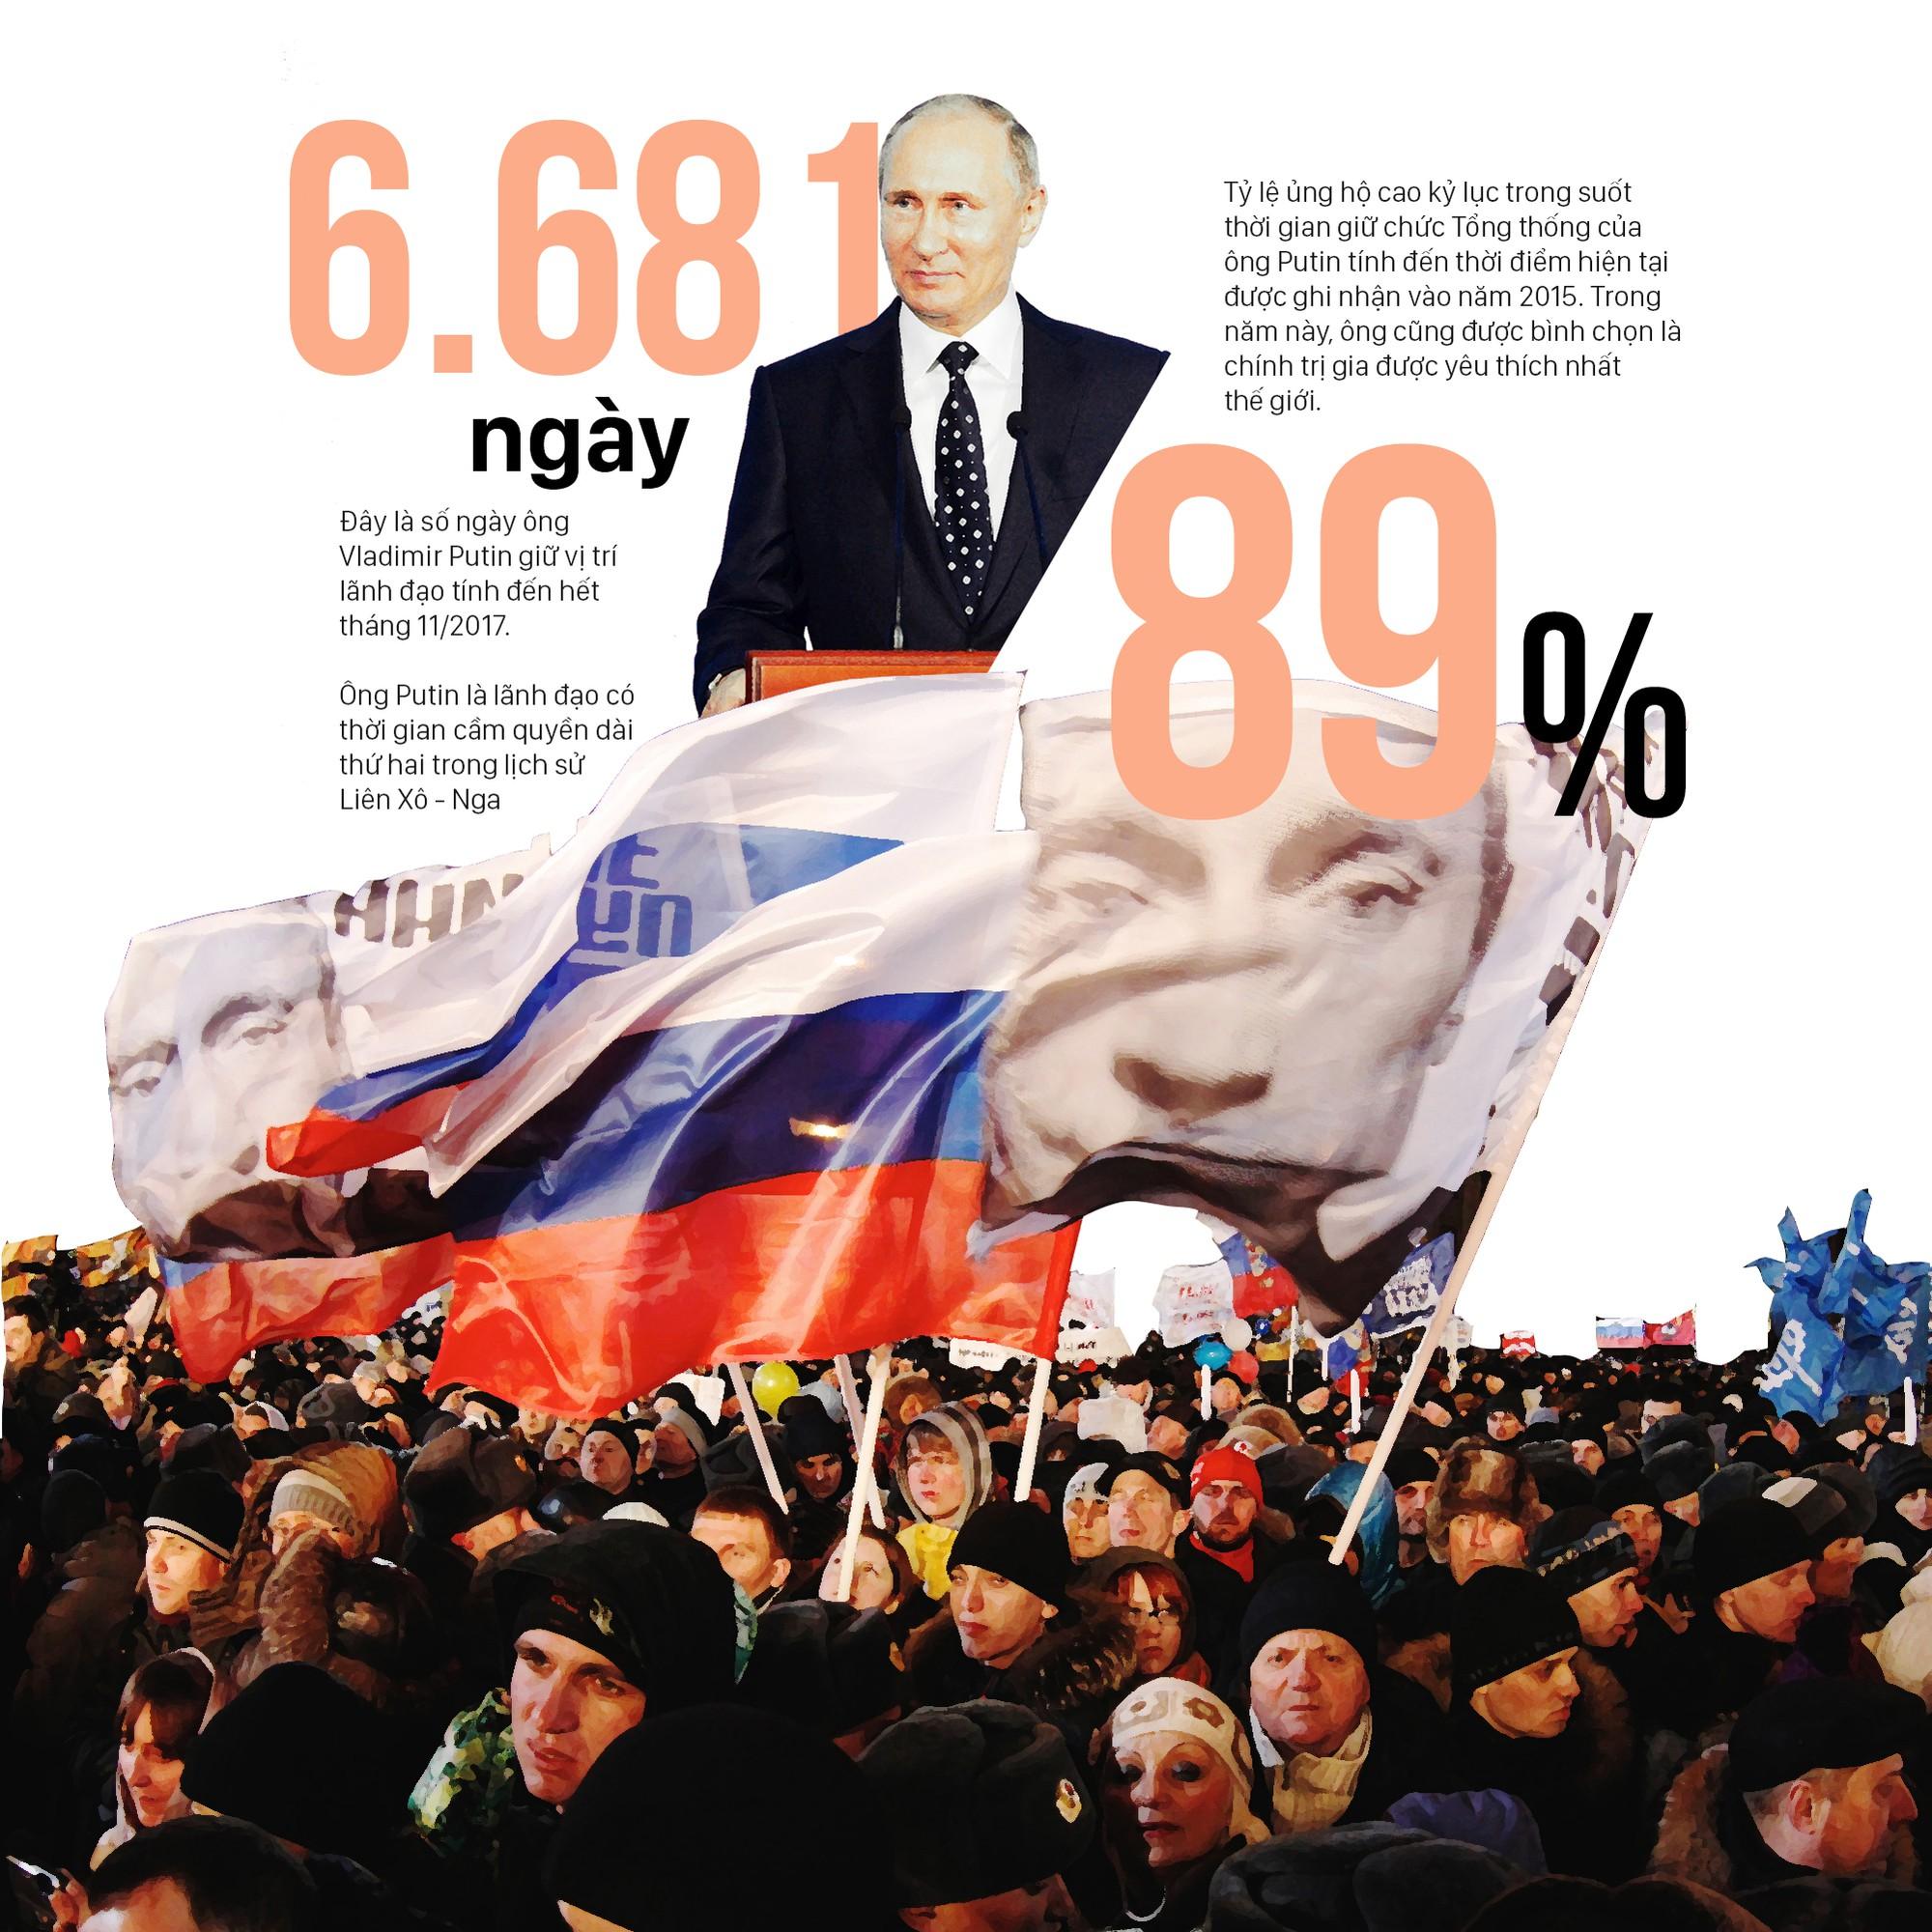 Tổng thống Nga Vladimir Putin: Chủ nhân Điện Kremlin 3 nhiệm kỳ và những con số đáng nể - Ảnh 2.